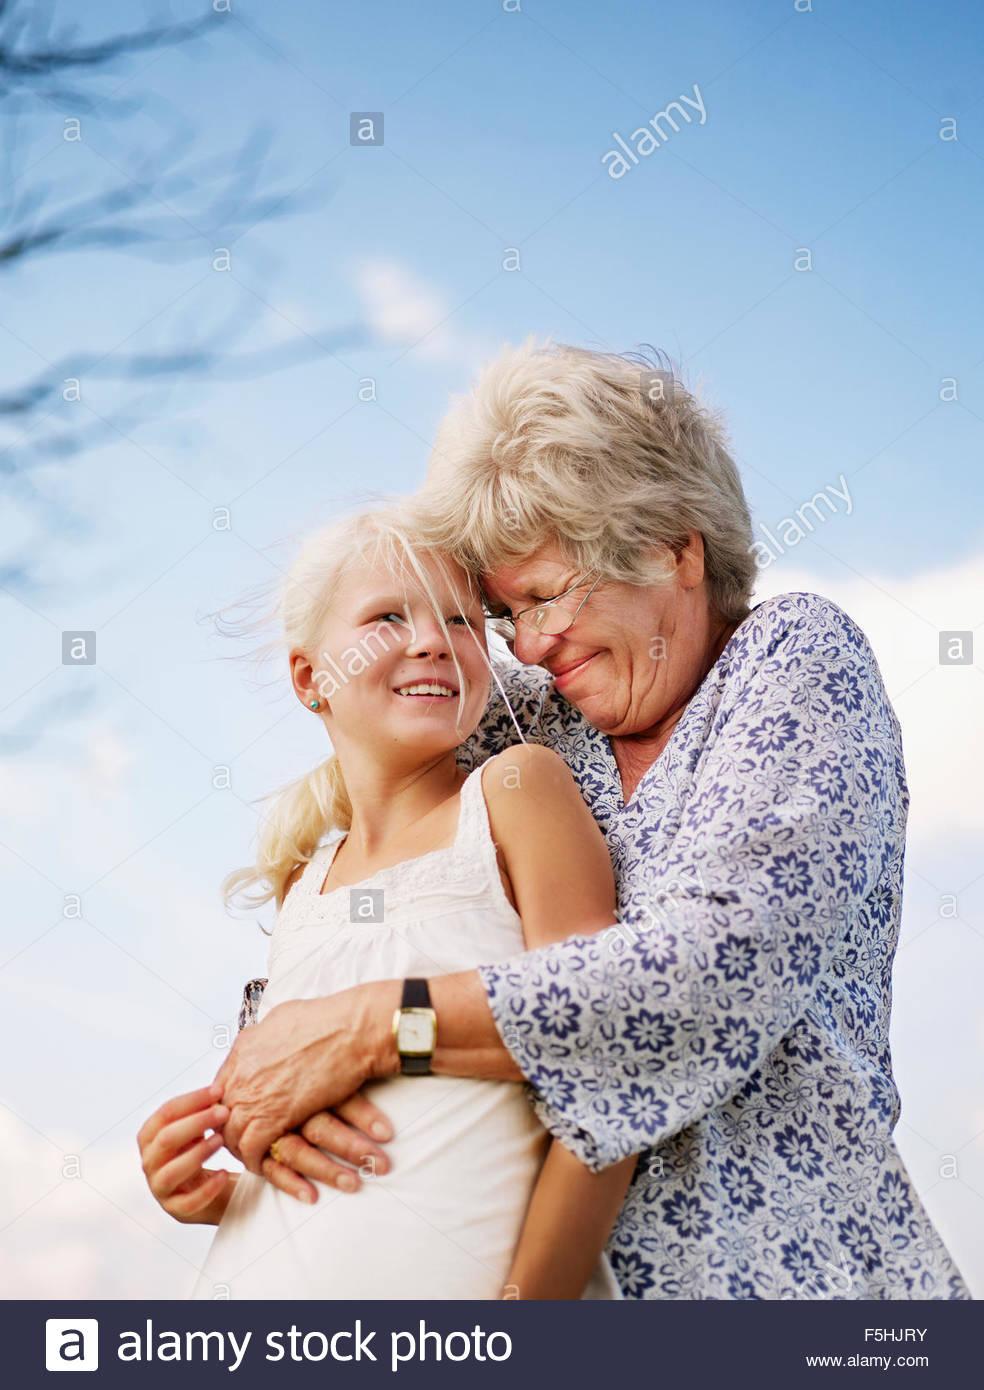 Le Danemark, Portrait de grand-mère embrassant sa petite-fille (10-11) Photo Stock